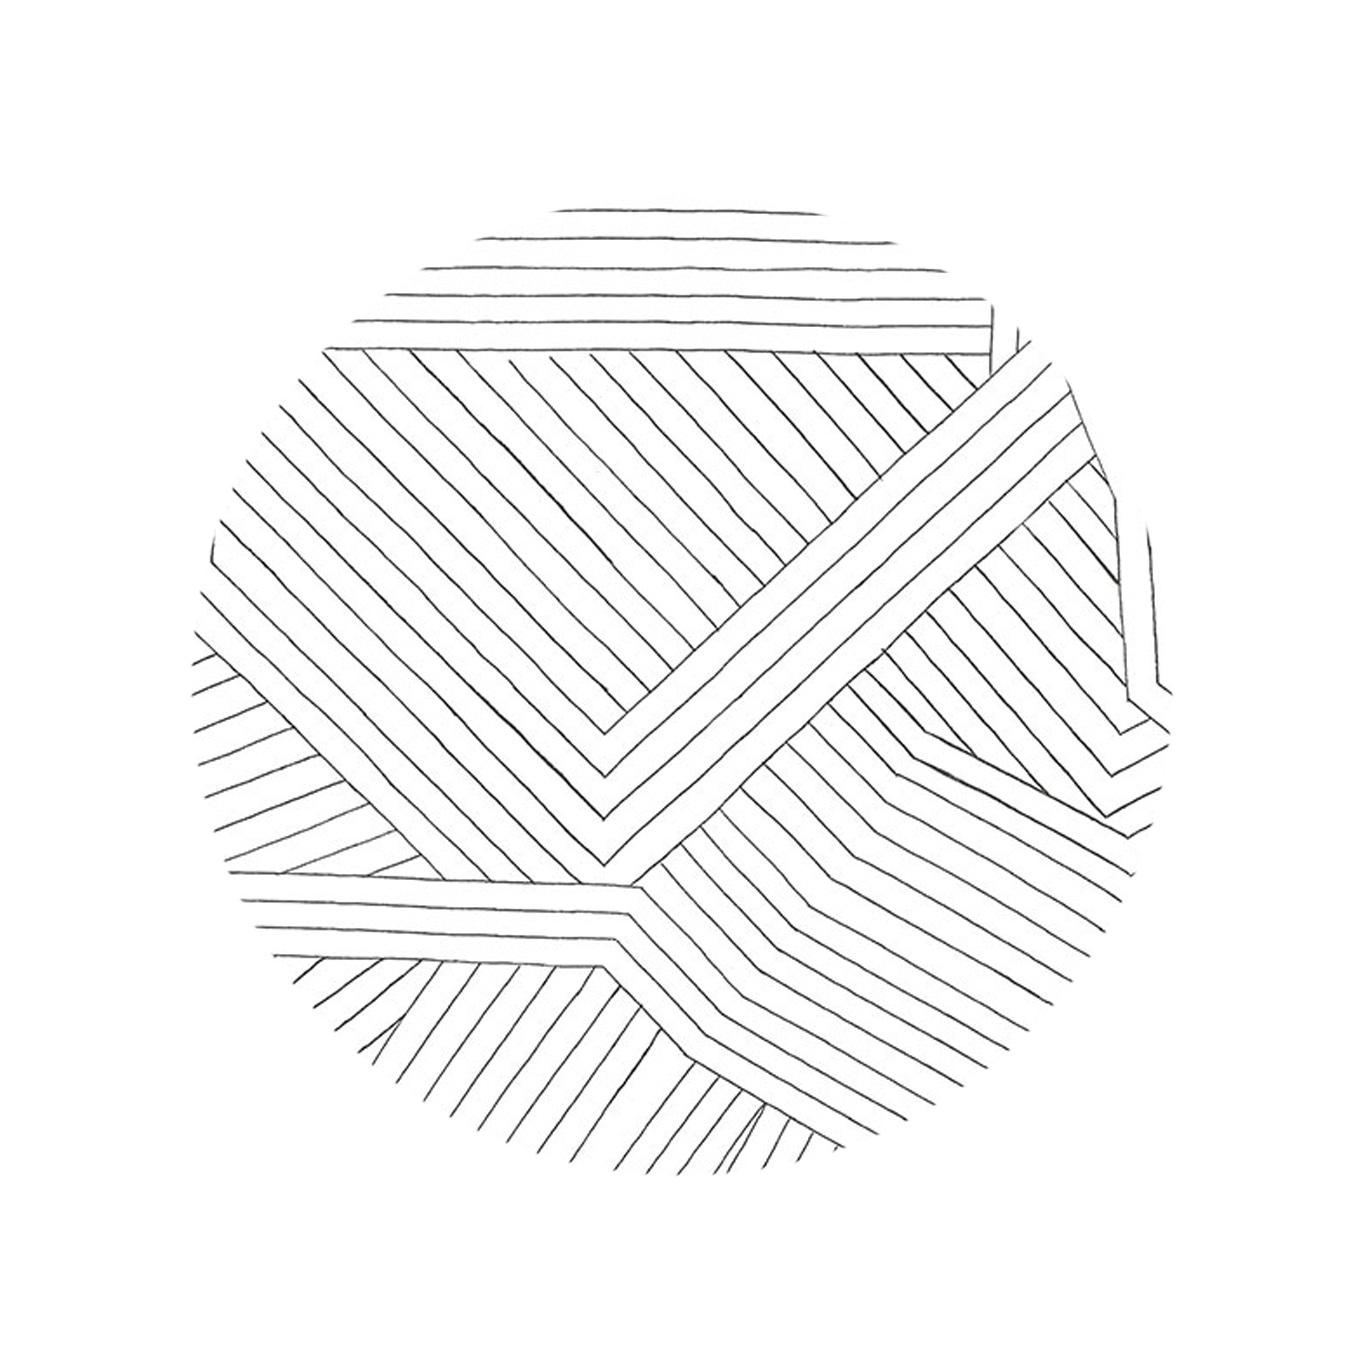 Multidirectional Lines - Stone White